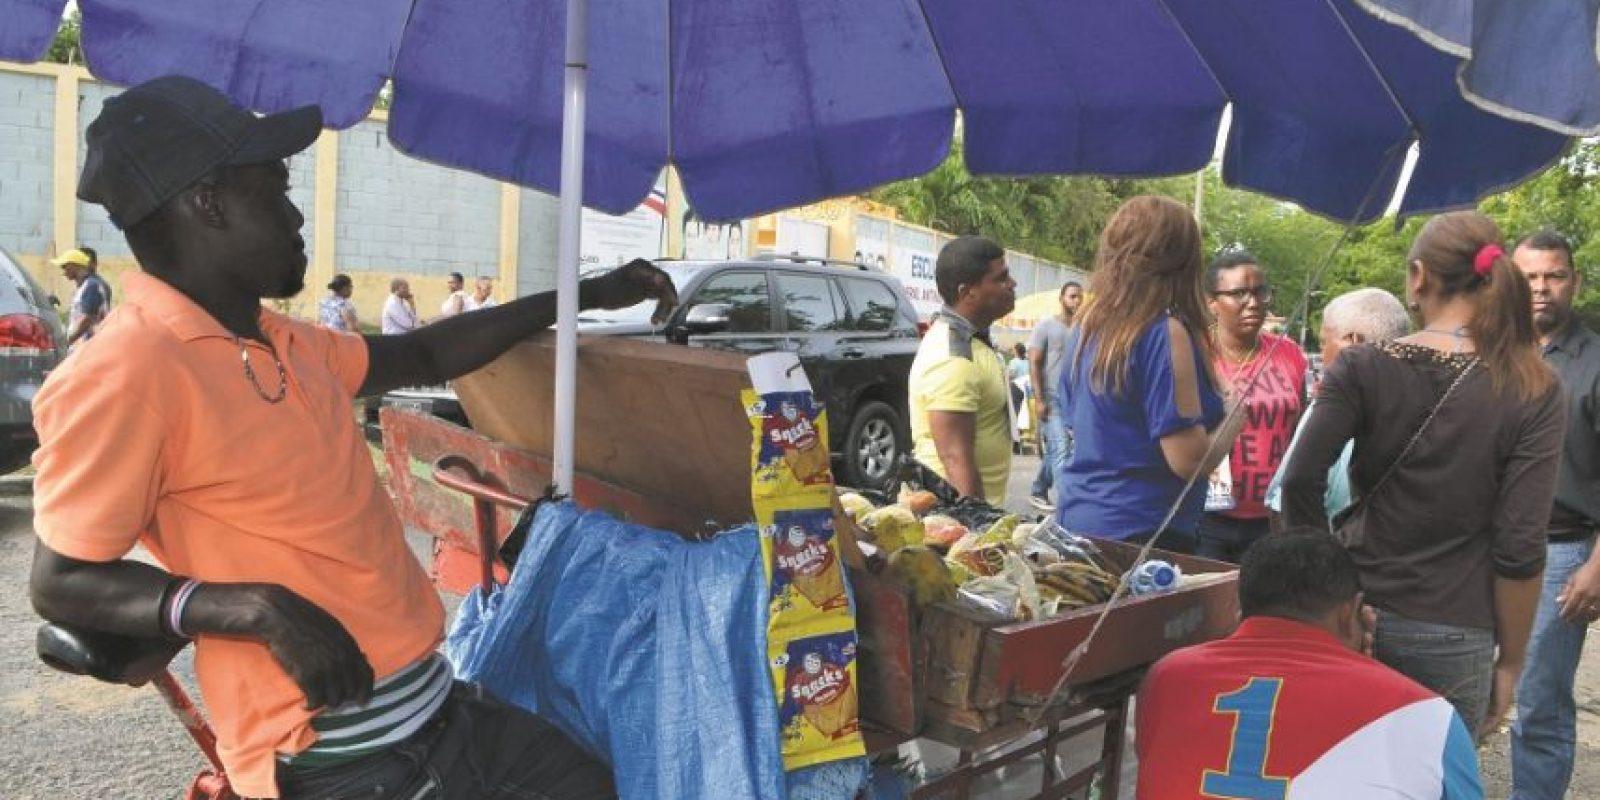 """15- La gente hizo su """"dinerito"""". El dominicano """"se la busca"""", y así quedó demostrado una vez más en este proceso electoral. Los vendedores ambulantes fueron protagonistas en los alrededores de los colegios y a ellos se sumó un nuevo personaje: la señora que por 25 pesos te cuidaba los celulares, sombrillas, carteras y monederos de los votantes que fueron con estos artículos prohibidos en las salas de votación. Foto:Fuente externa"""